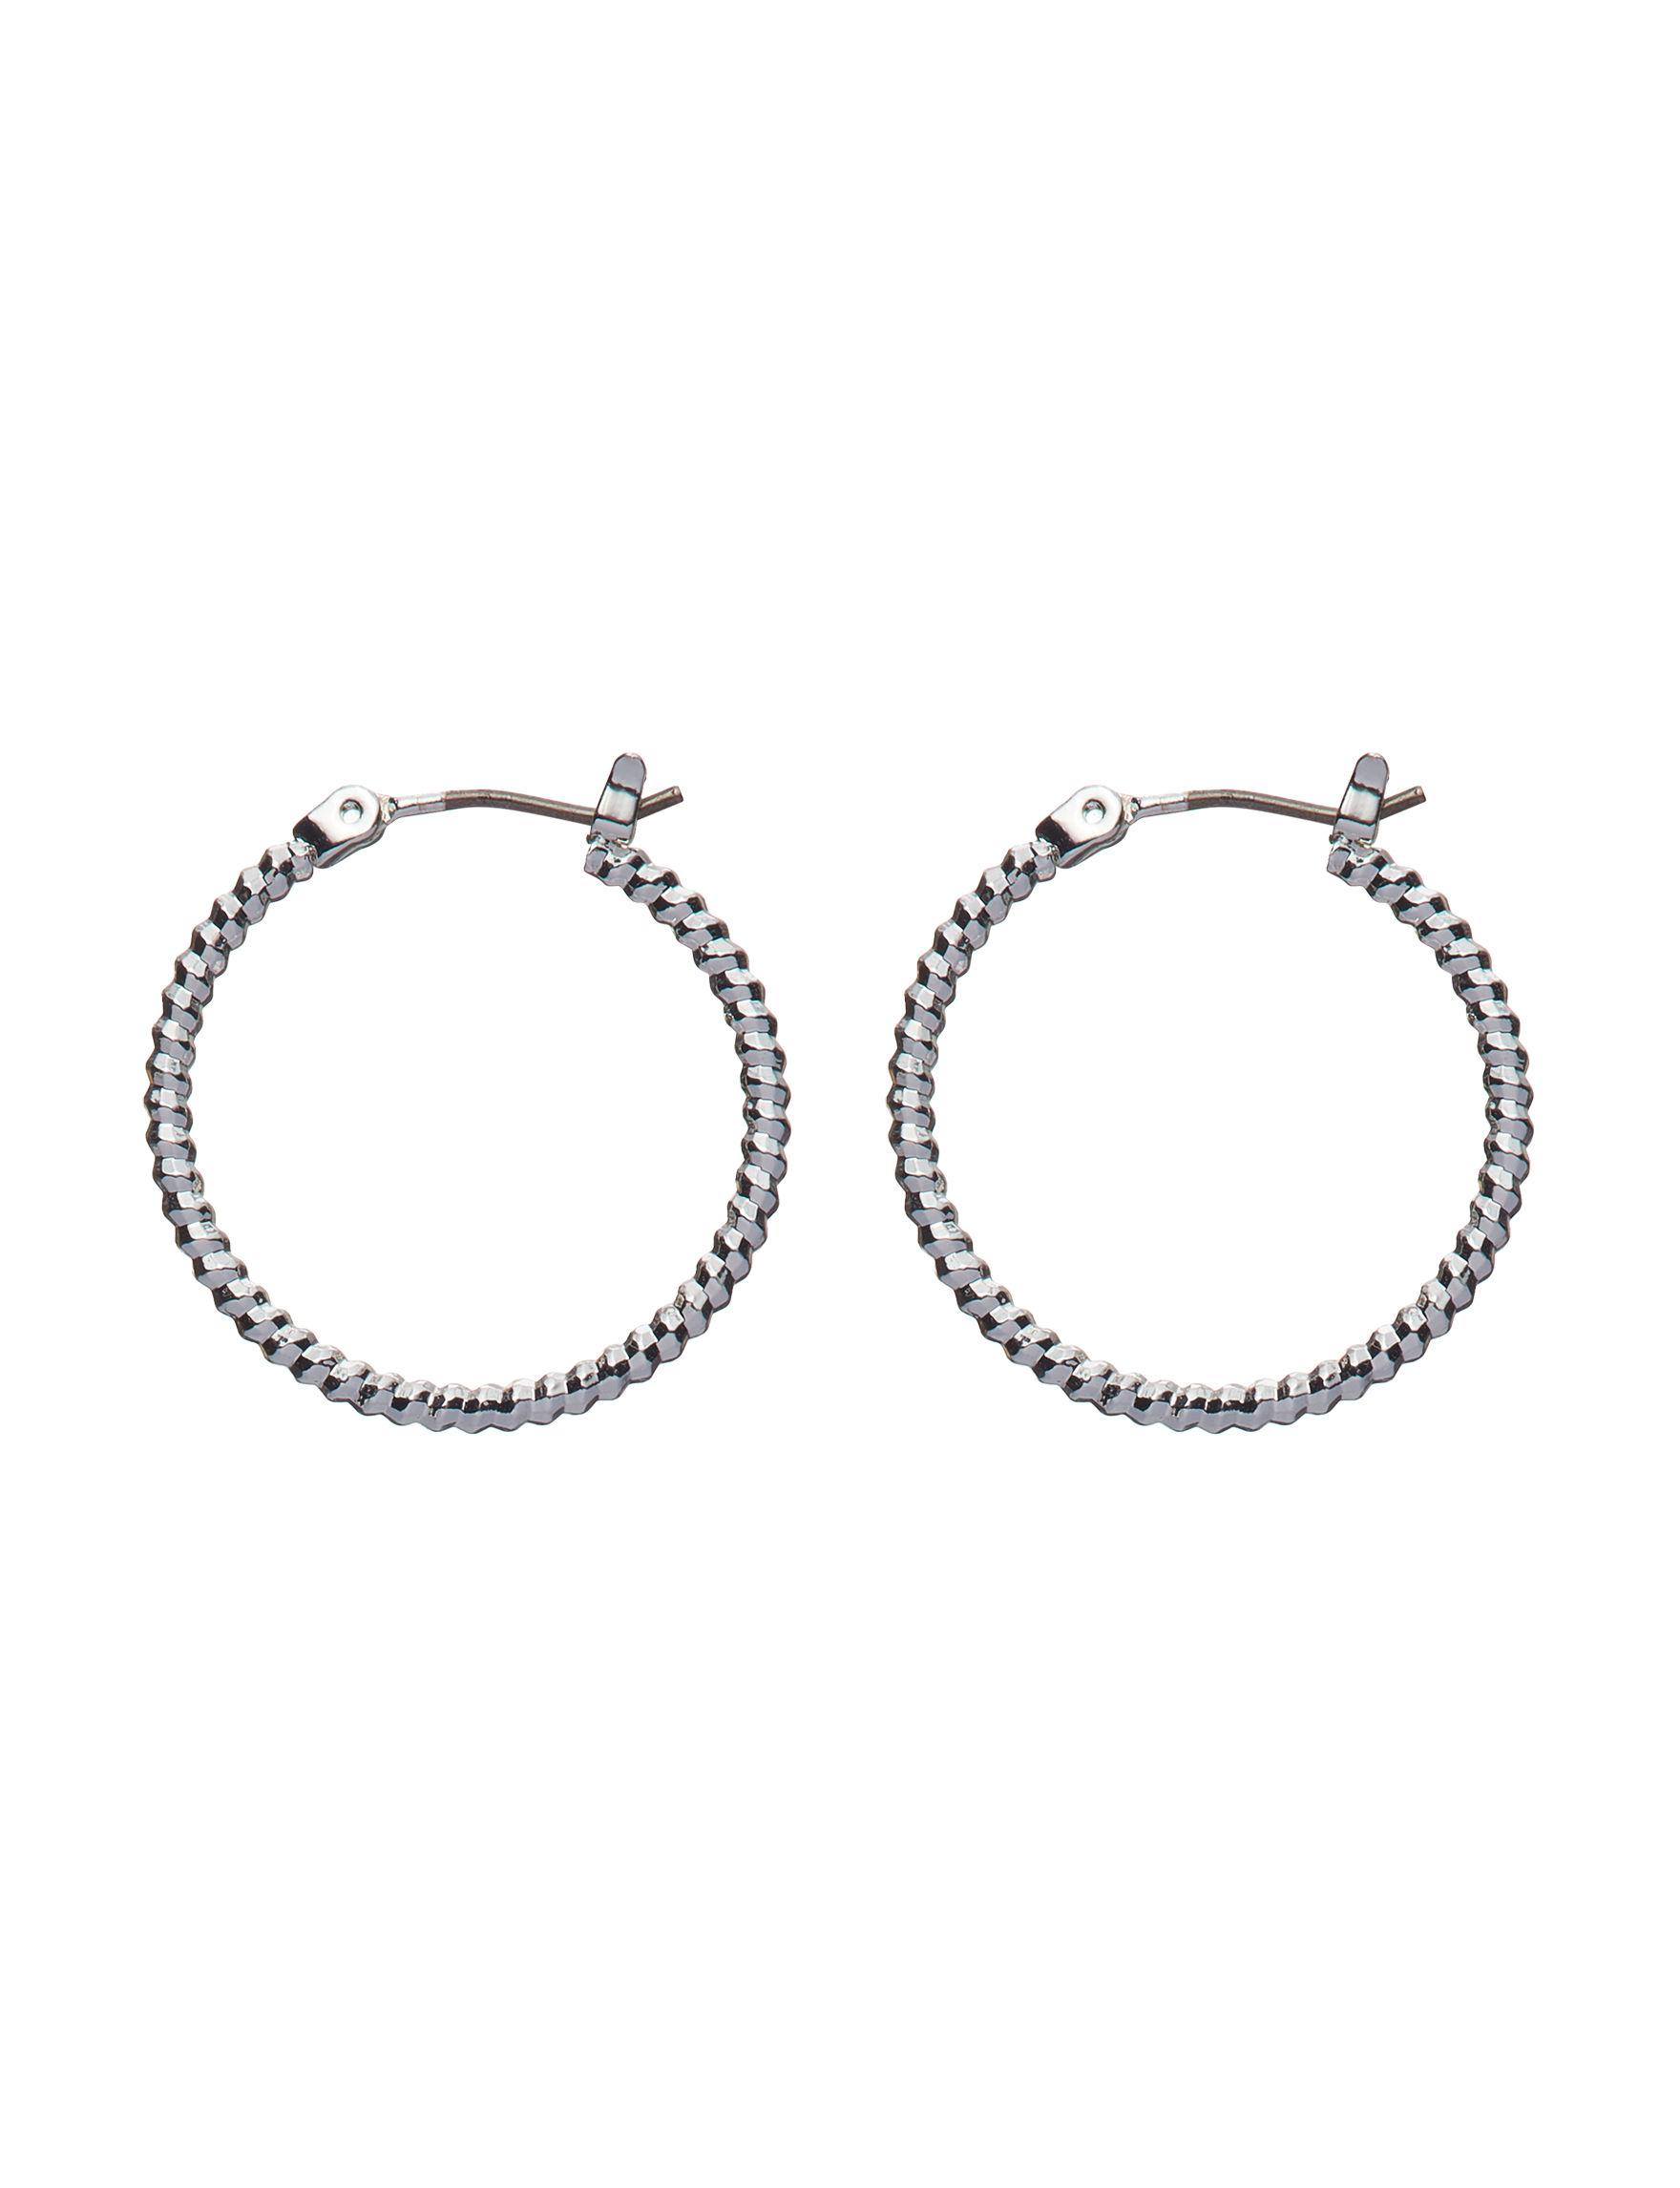 Napier Silver Hoops Earrings Fashion Jewelry